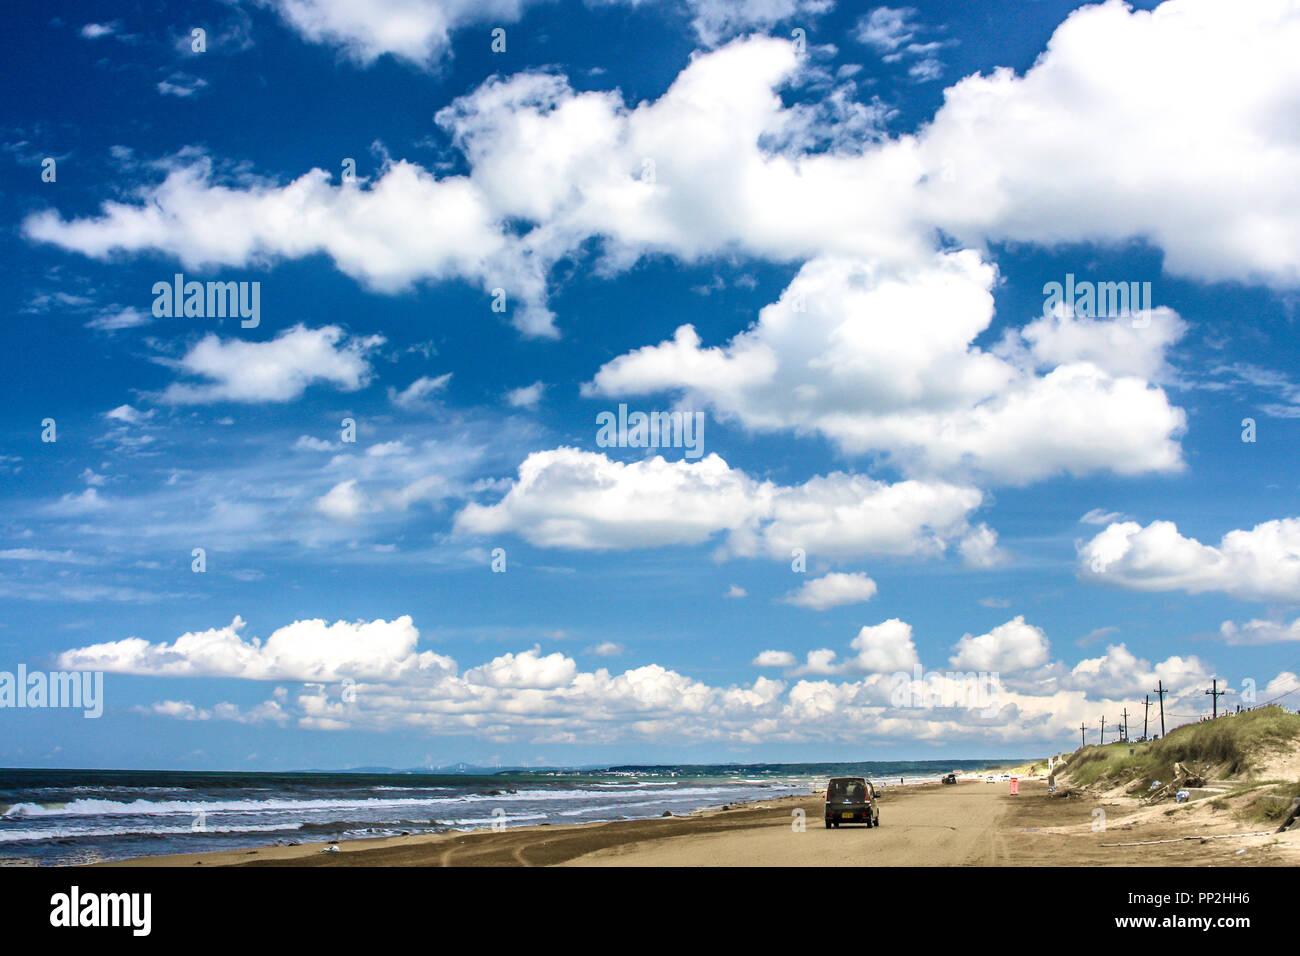 Summer Beach And Japan Stock Photos Amp Summer Beach And